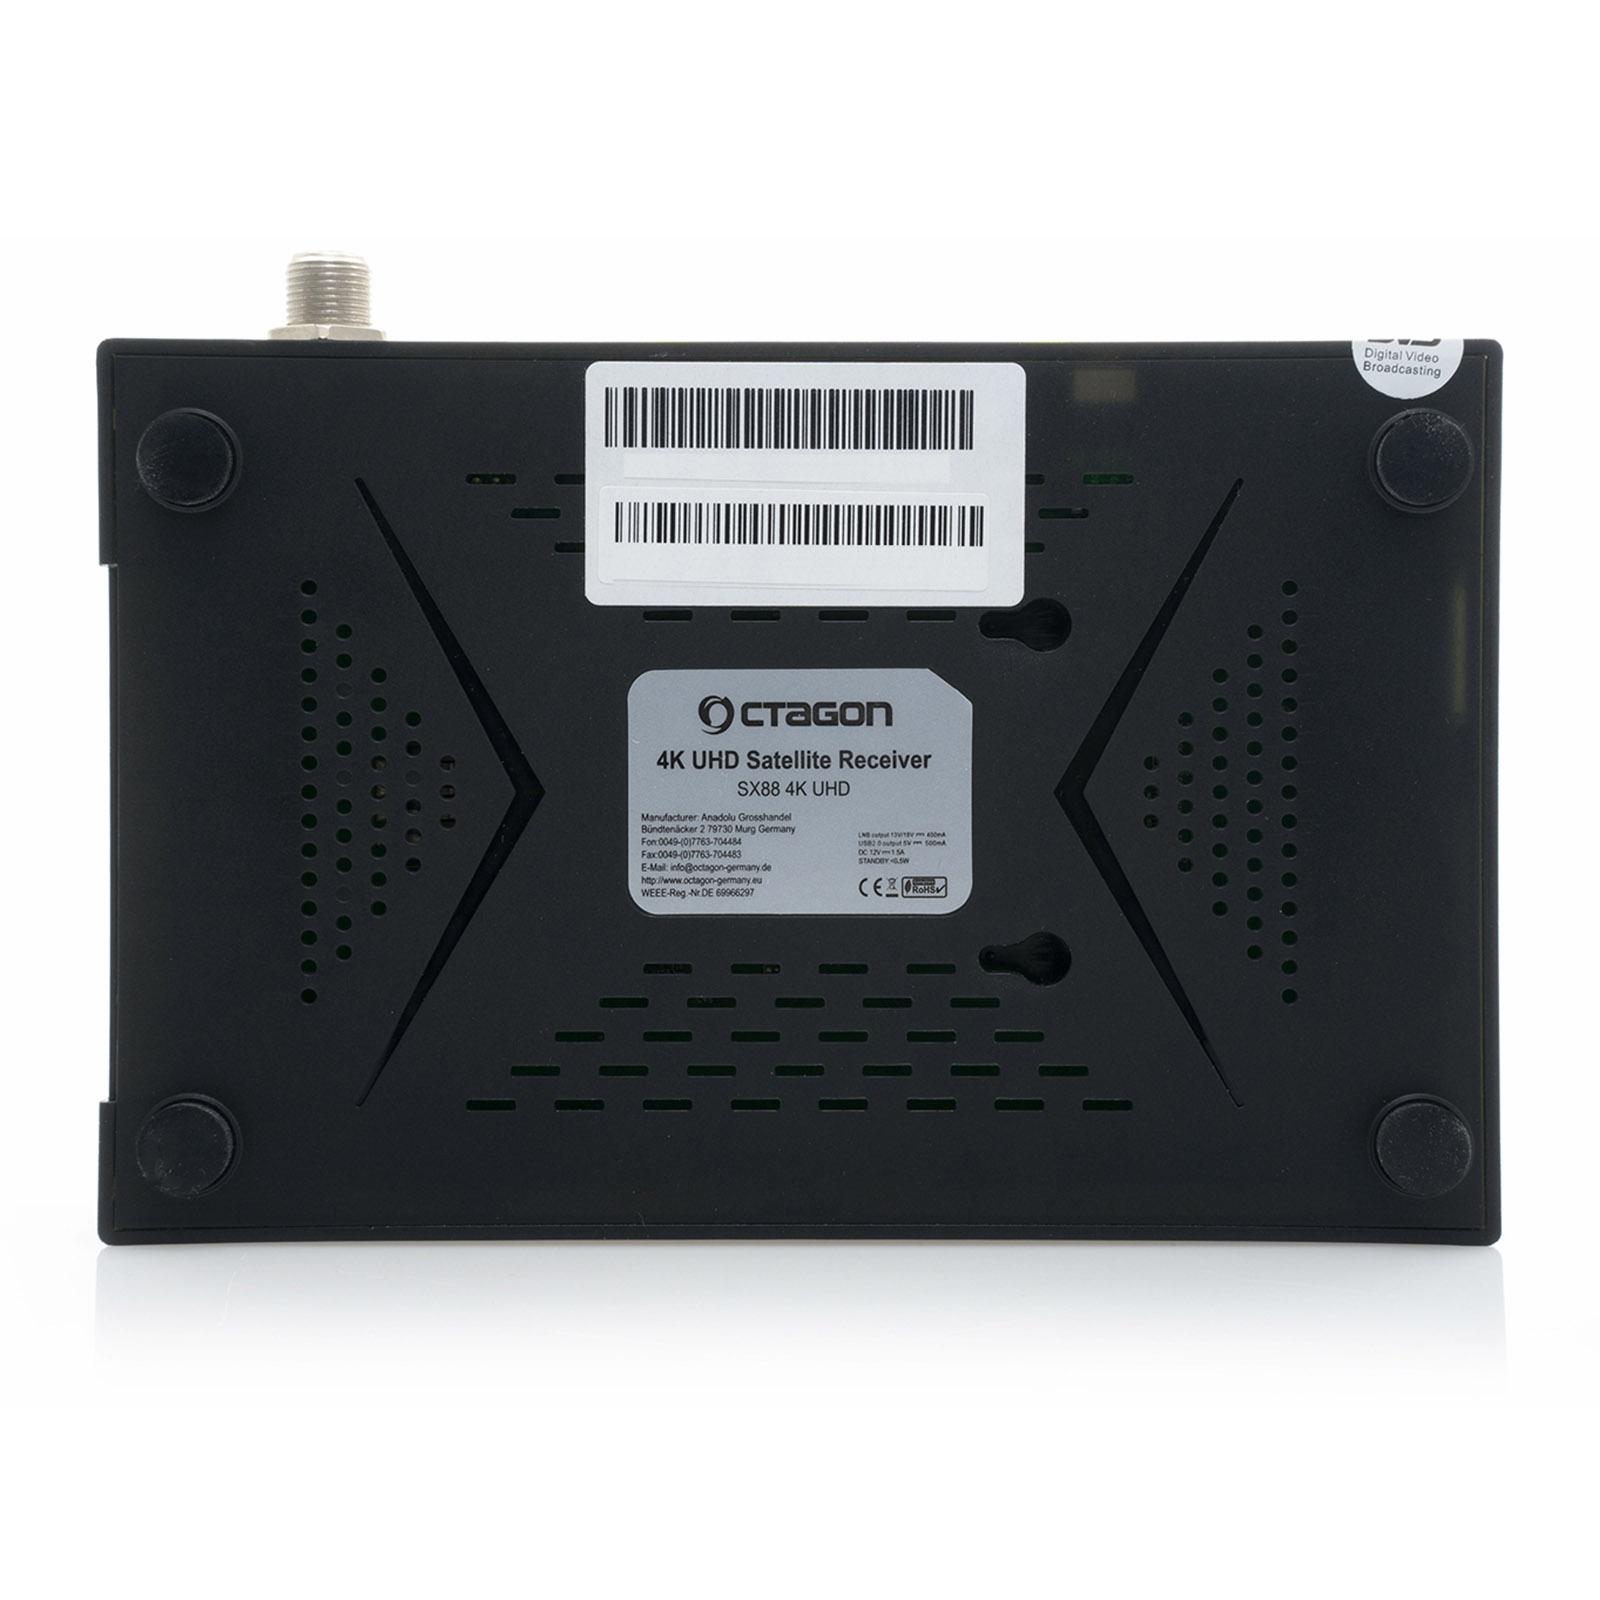 OCTAGON SX88 4K UHD S2+IP HDMI USB Kartenleser H.265 Stalker IPTV Multistream Receiver Schwarz